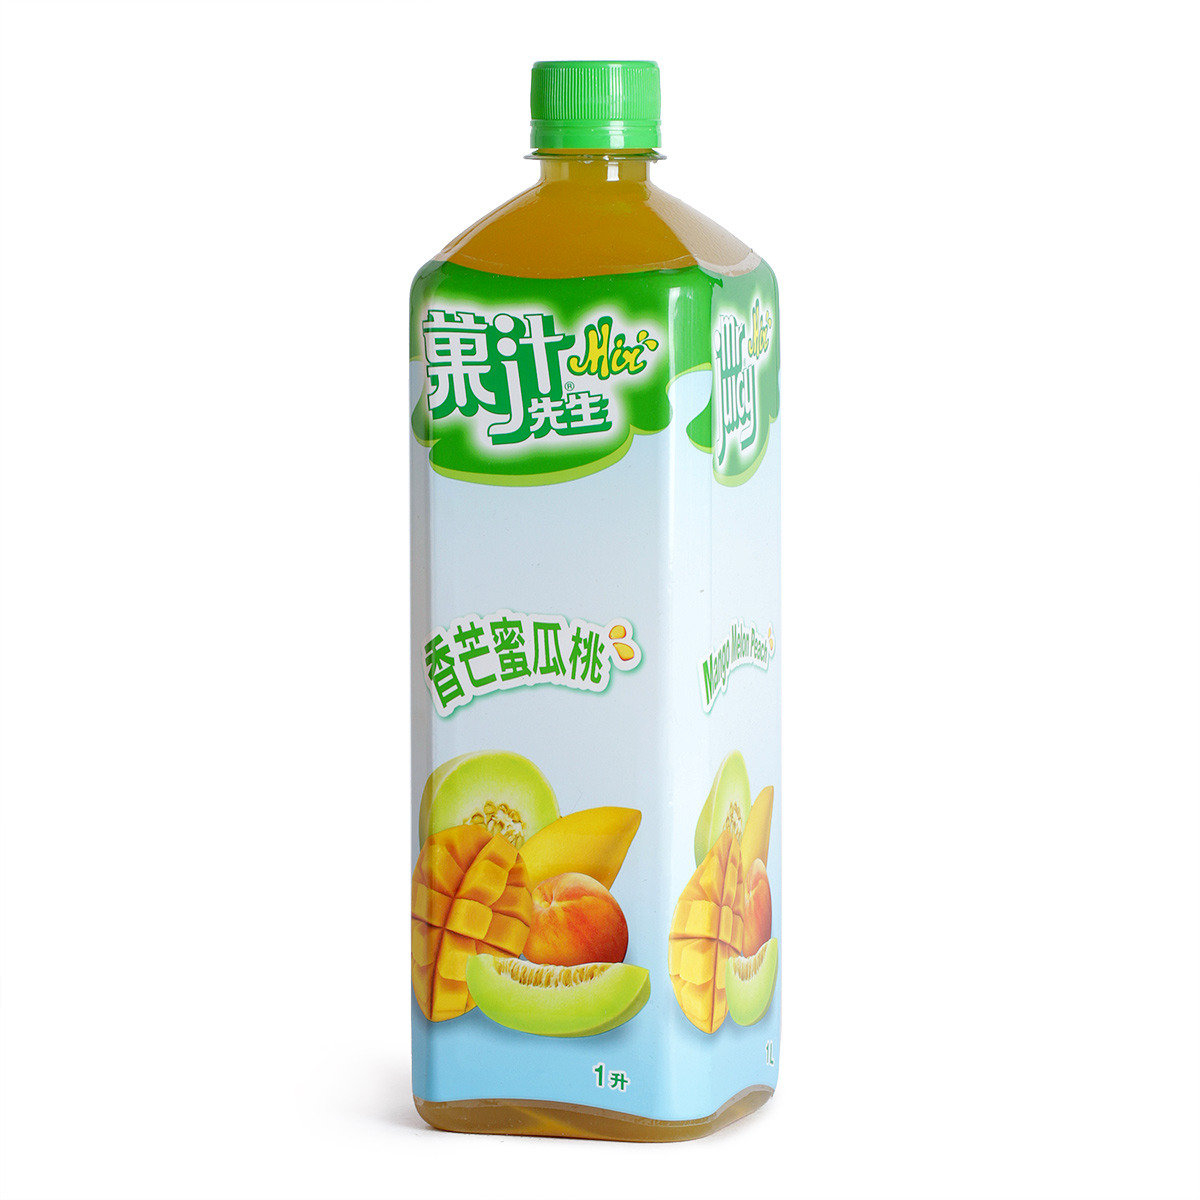 香芒蜜瓜桃汁飲品